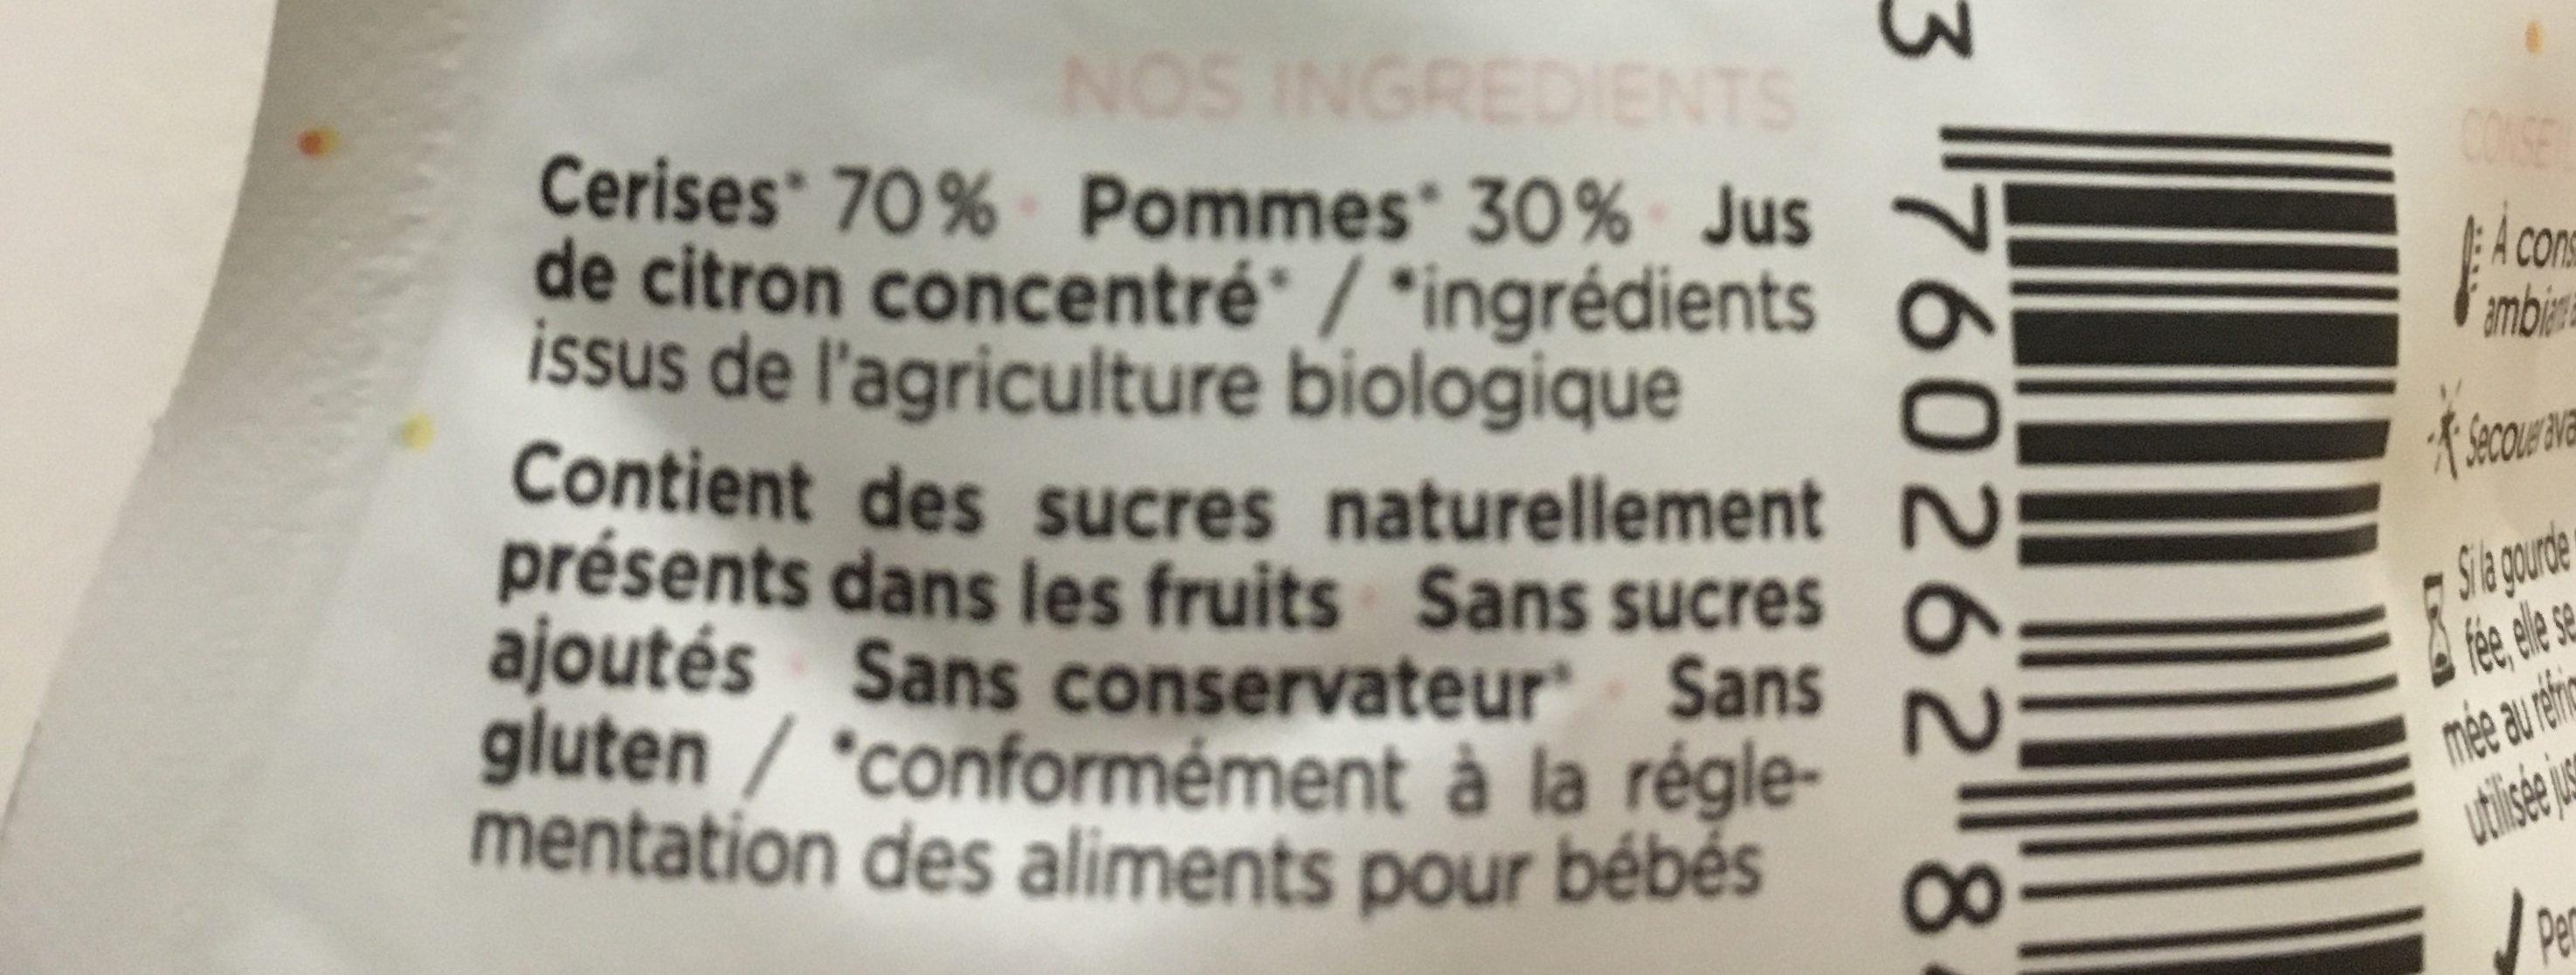 Les cerises - Ingrédients